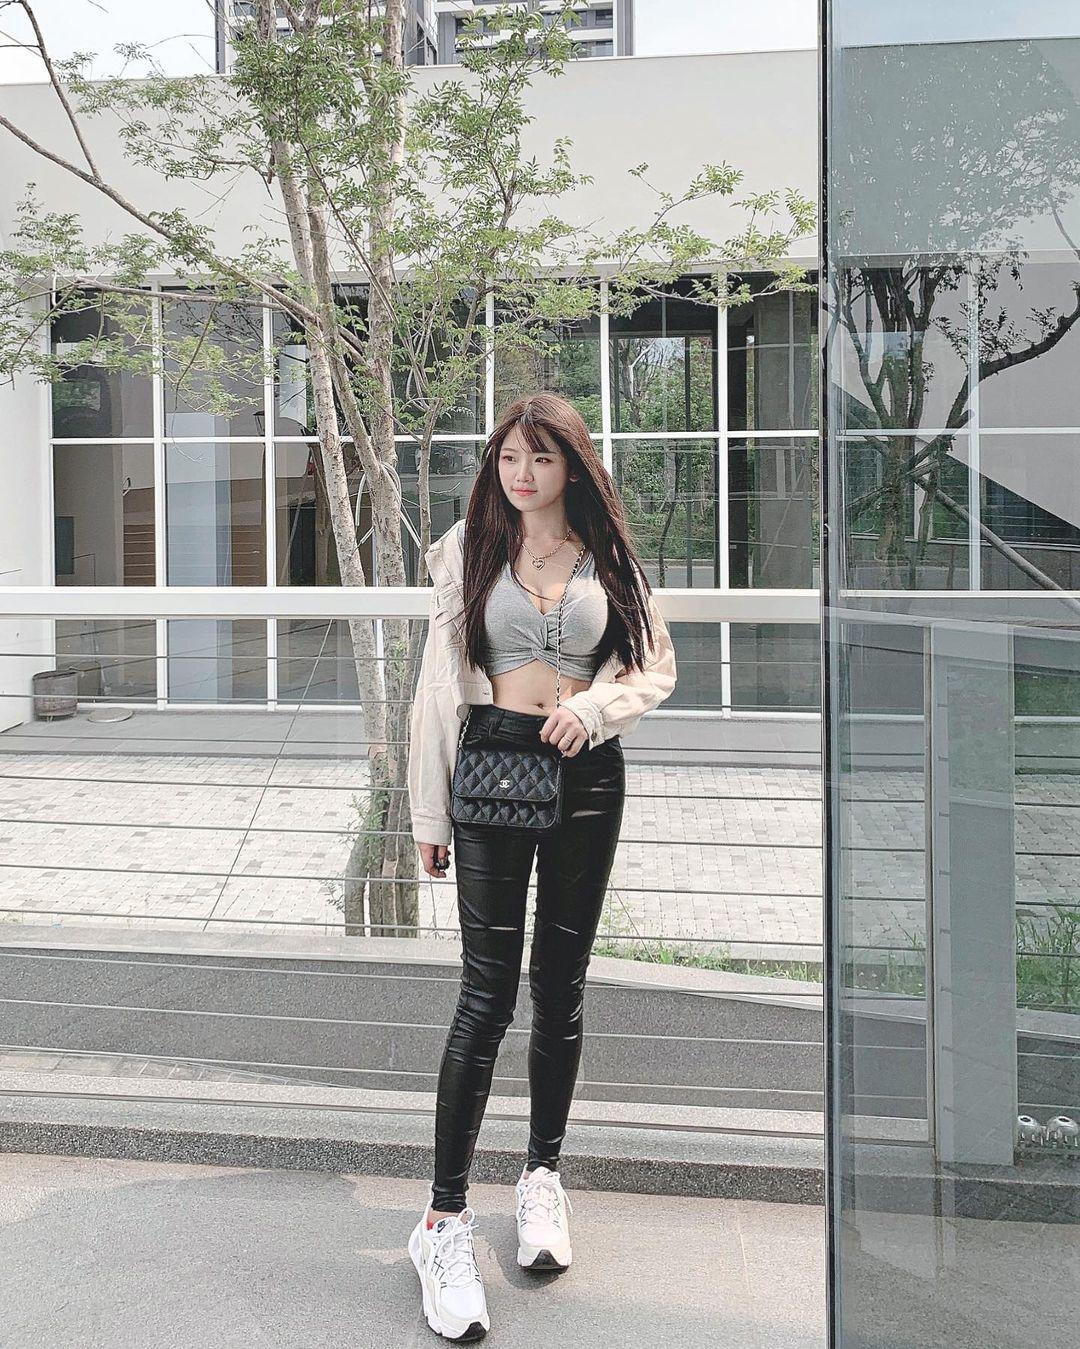 清纯甜美的正妹平面设计师Chen臻儿 多才多艺还有好身材 养眼图片 第5张